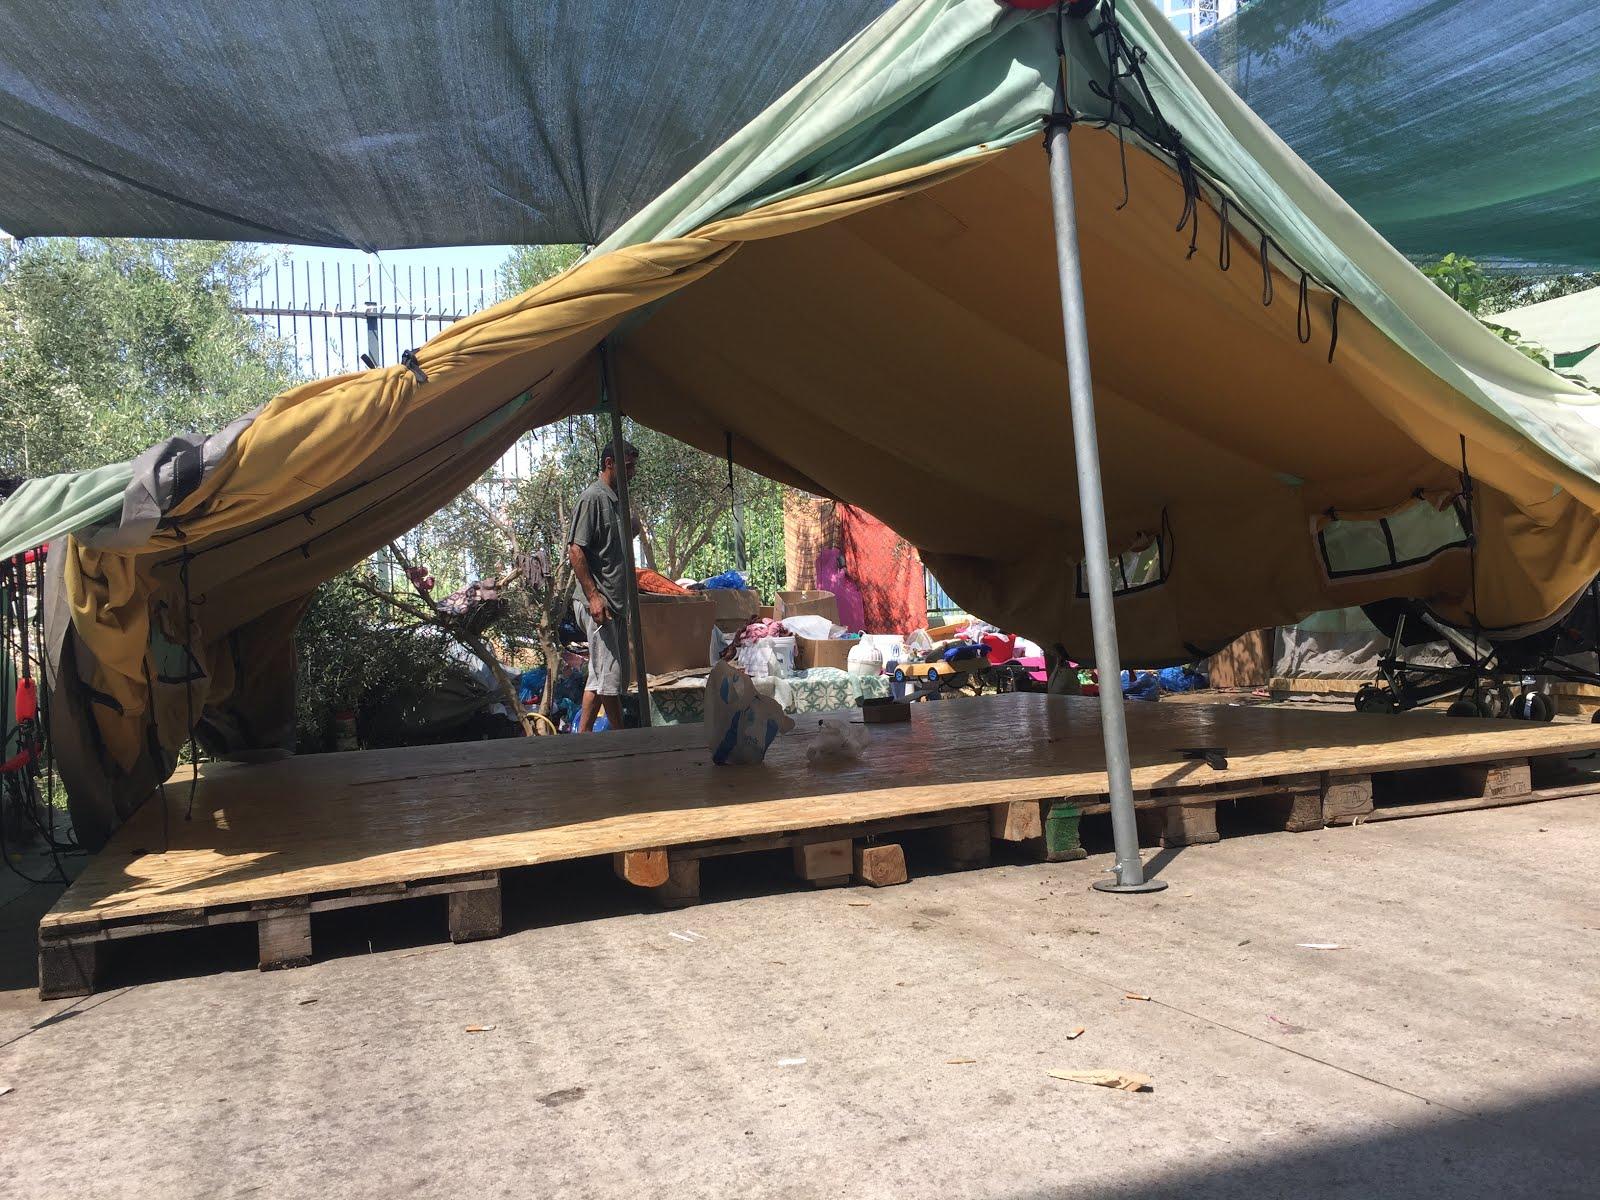 Voluntarios para campamento con refugiados en Grecia